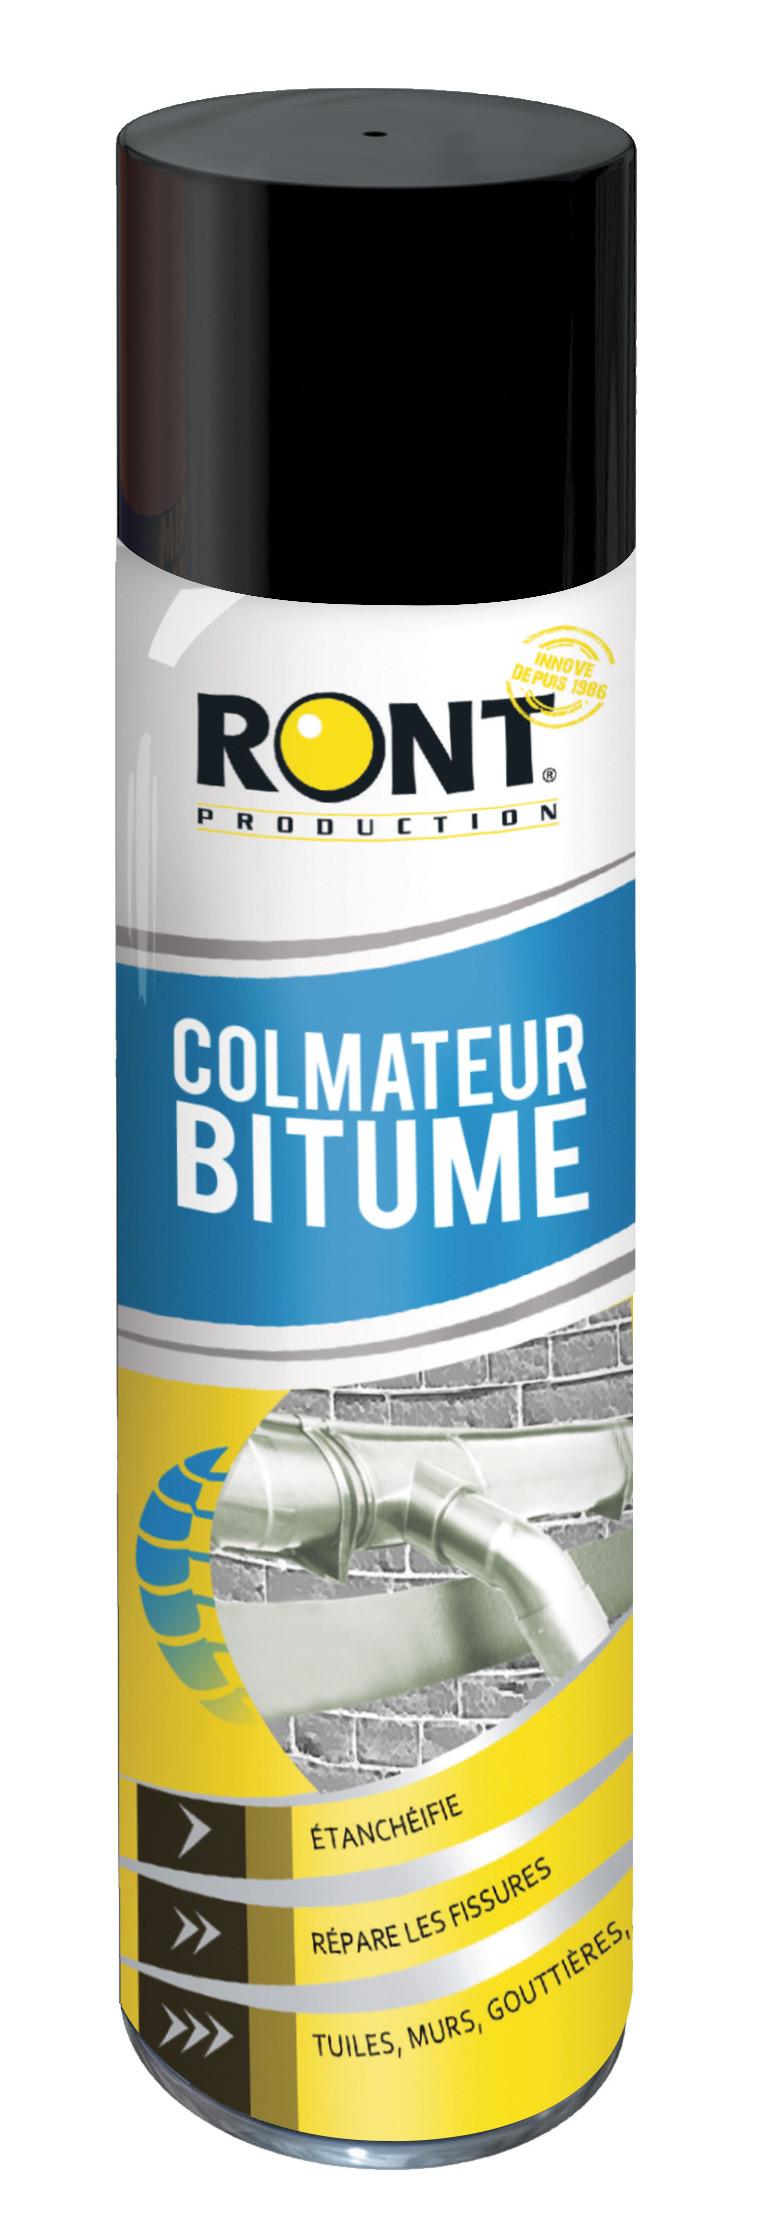 Colmateur bitume en aerosol de 500 mL